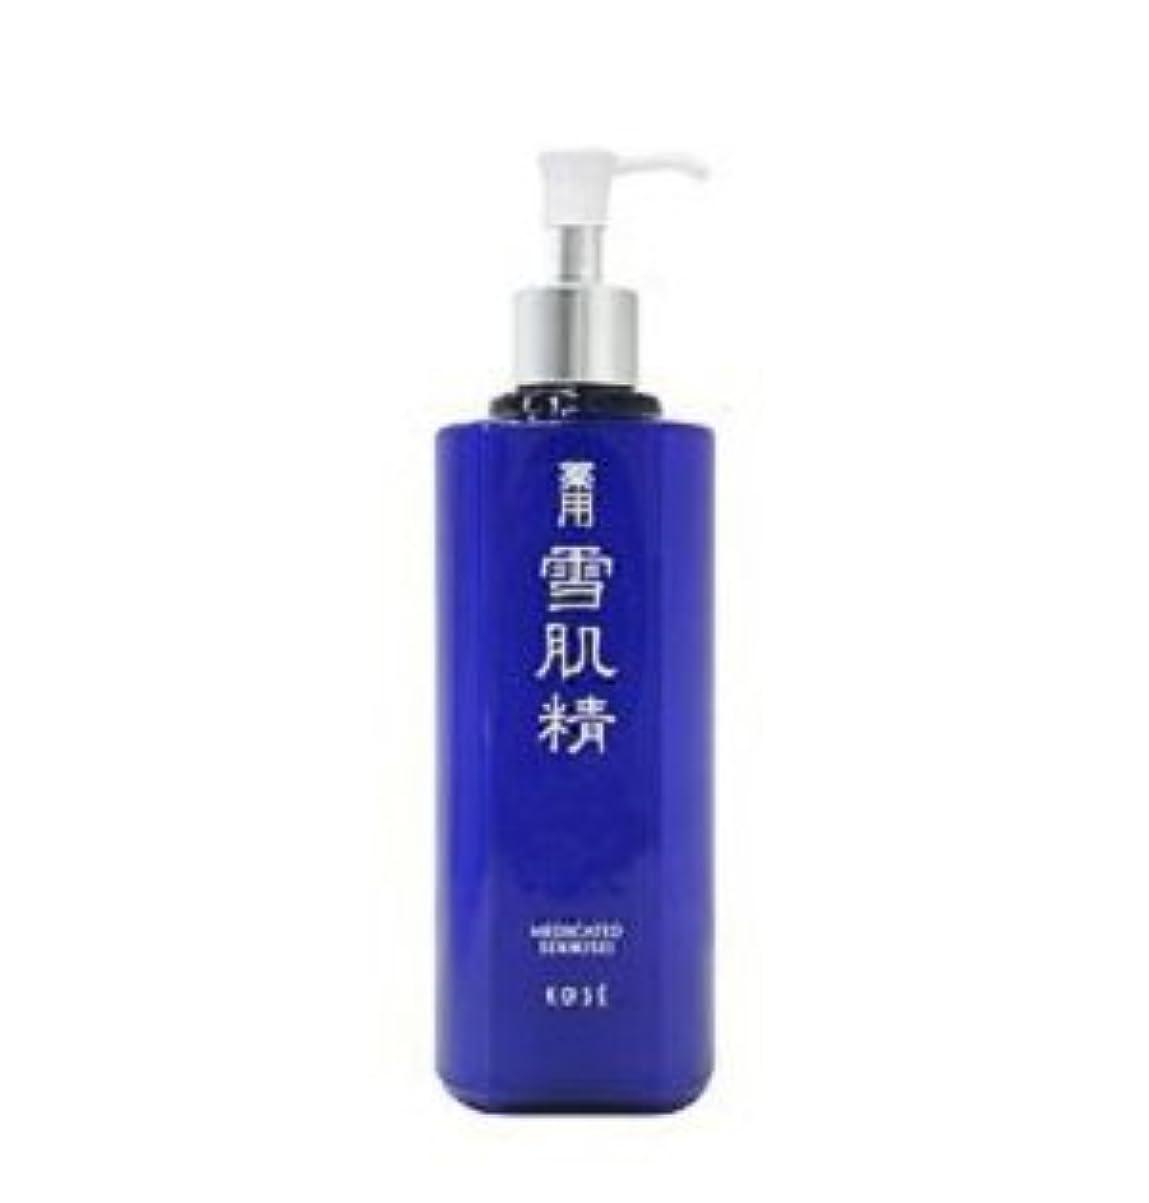 瞑想する頑固なローンコーセー 薬用 雪肌精 化粧水 500ml 限定発売 ラージ ボトル